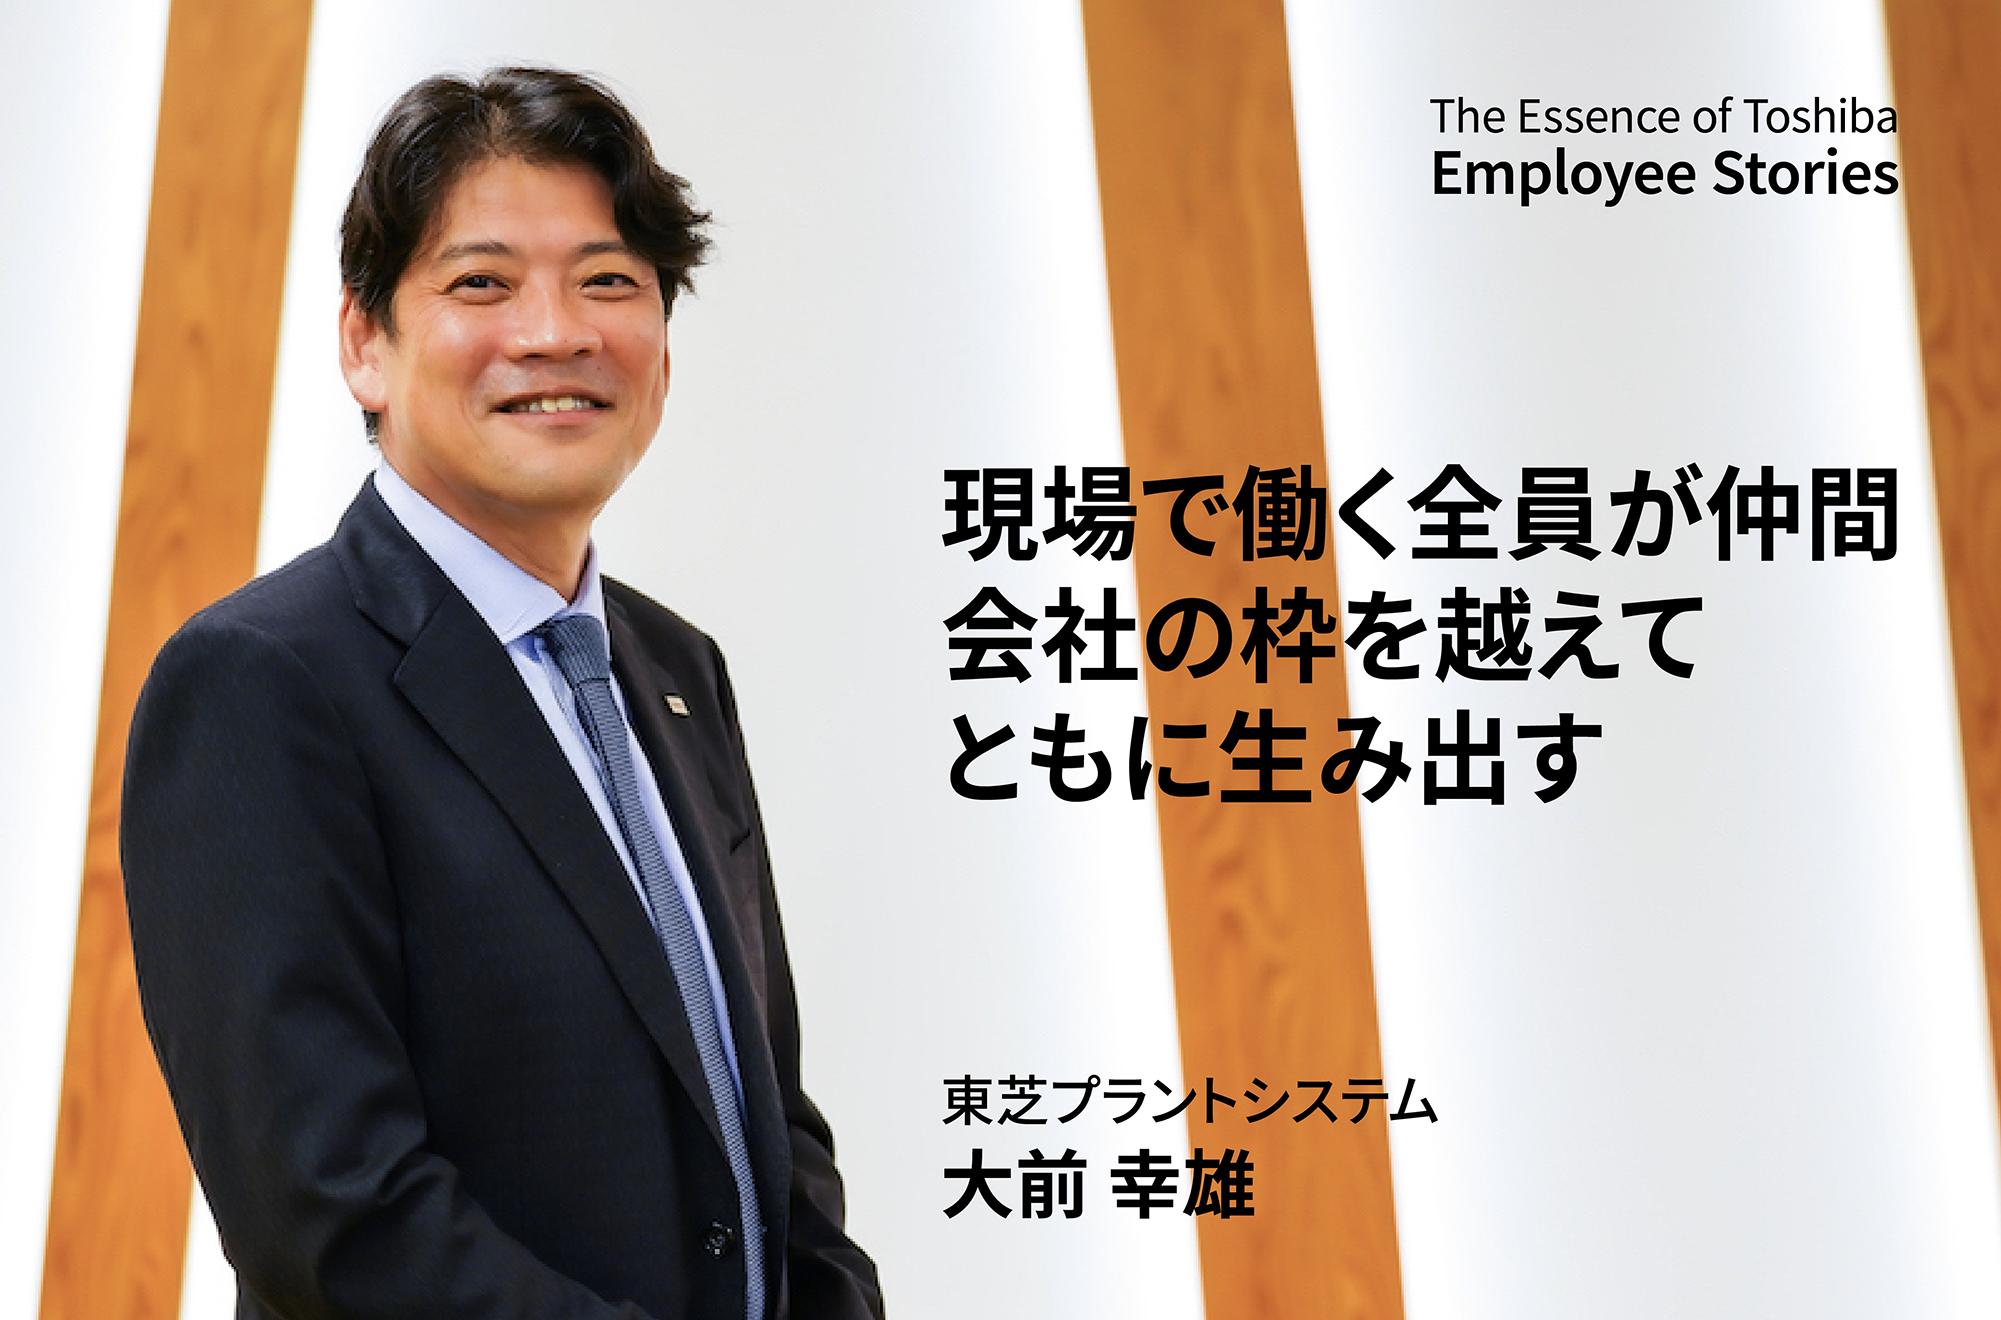 現場で働く全員が仲間。会社の枠を越えてともに生み出す ~理念ストーリー We are Toshiba~